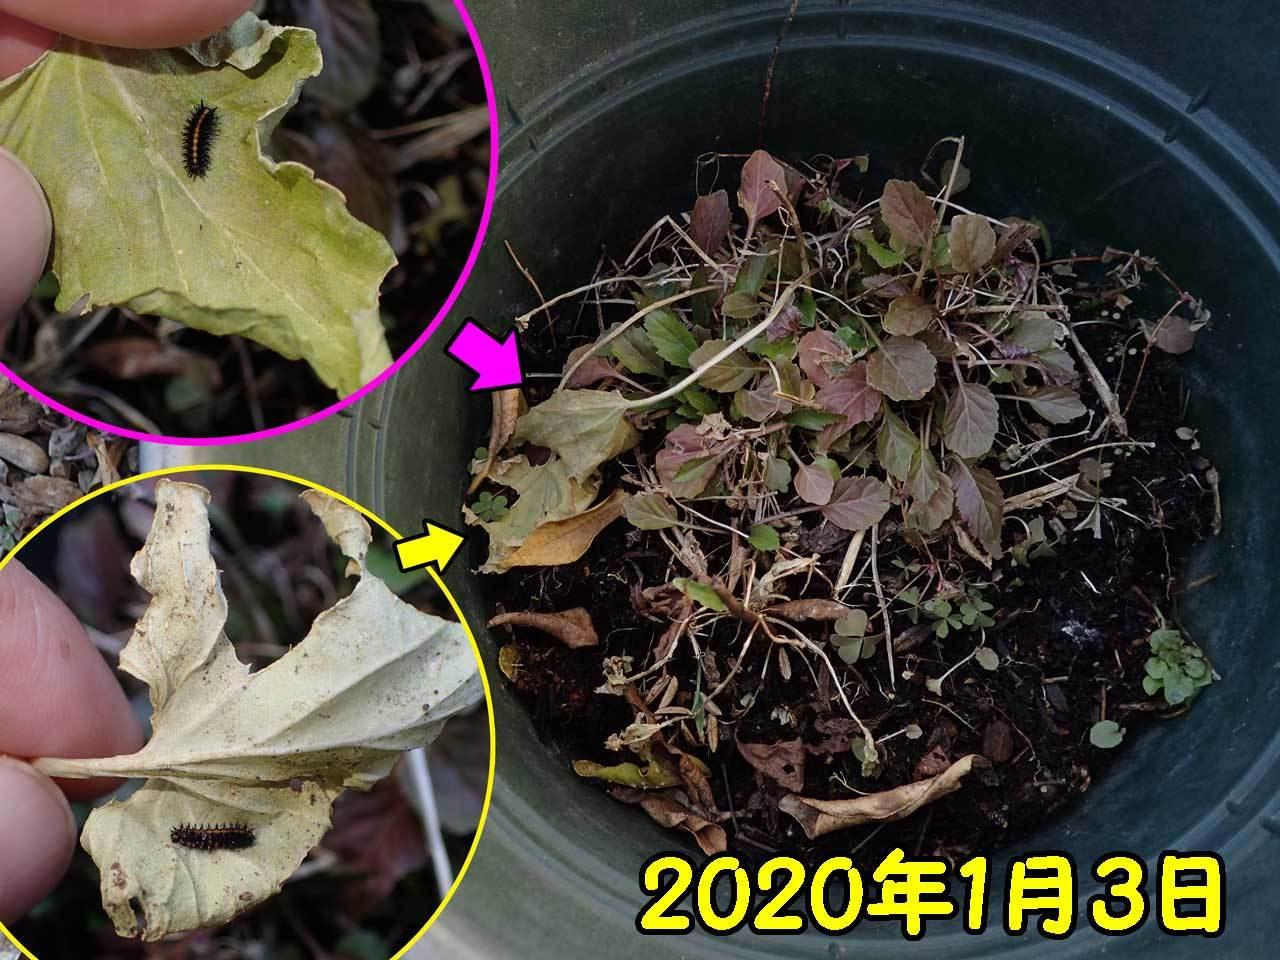 越冬中ツマグロヒョウモン幼虫_e0253104_16150415.jpg